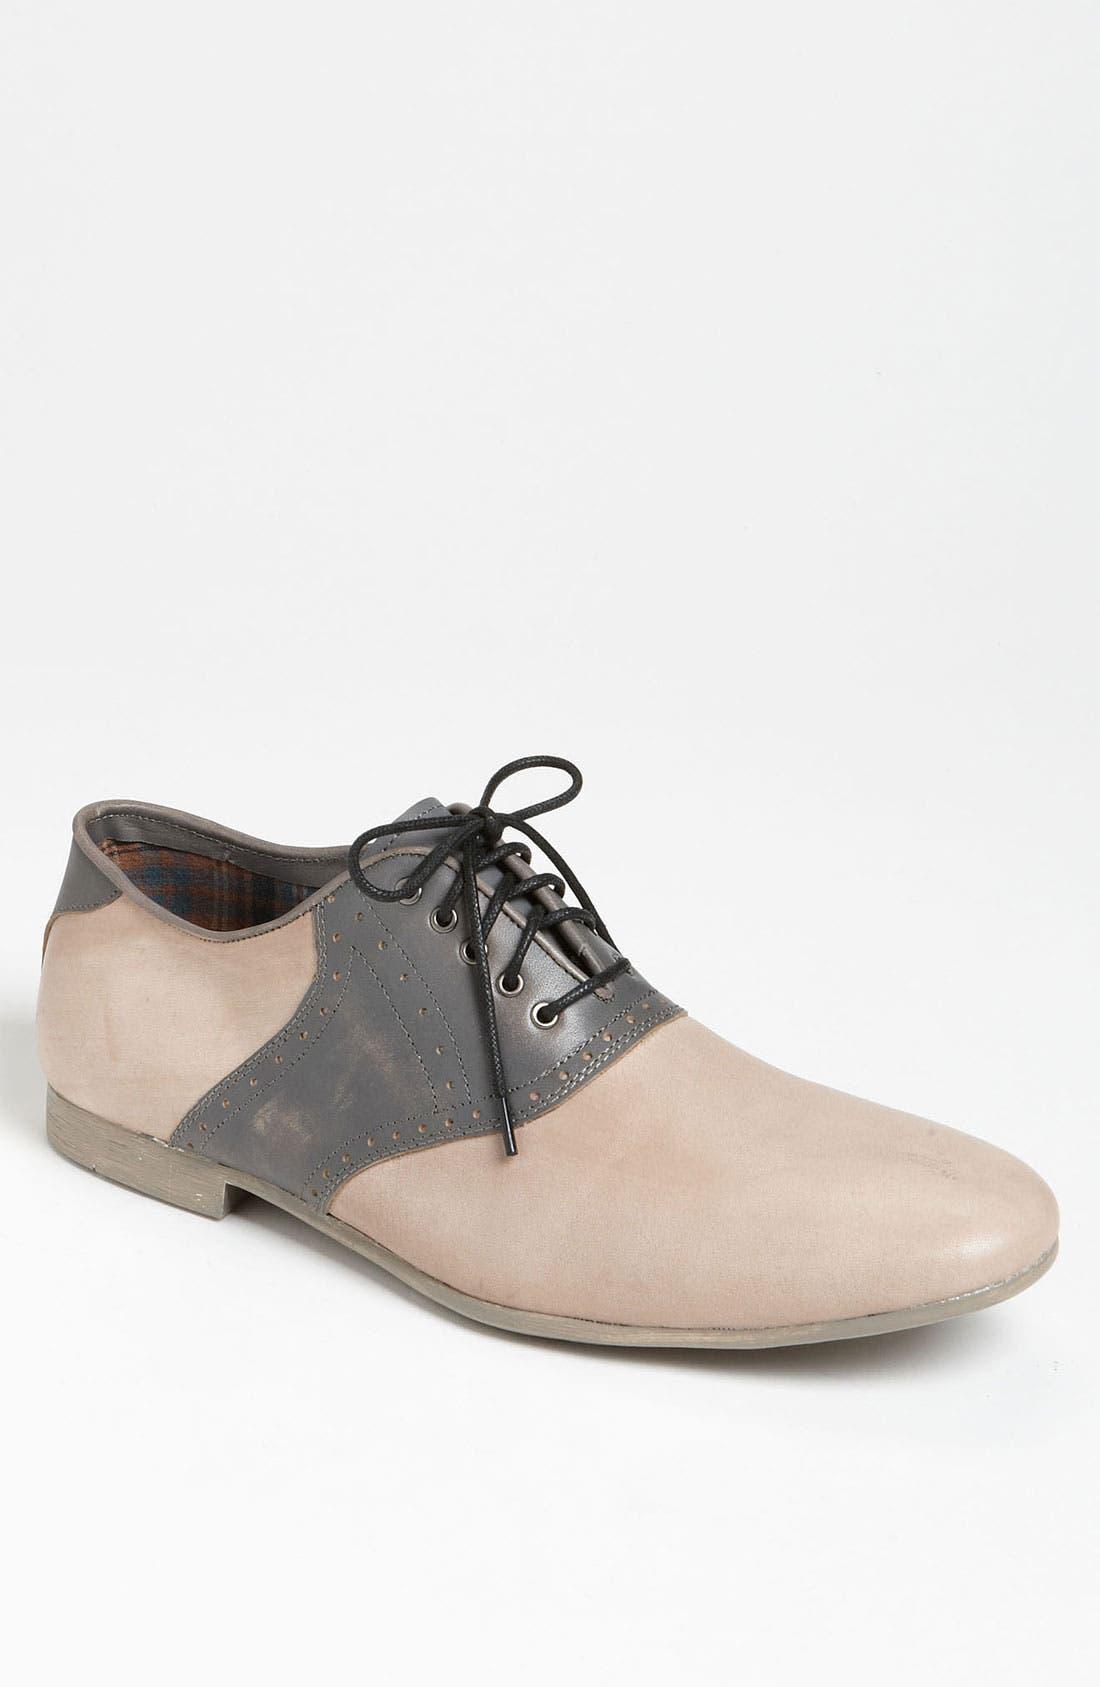 Main Image - Bed Stu 'Orleans' Saddle Shoe (Online Only)